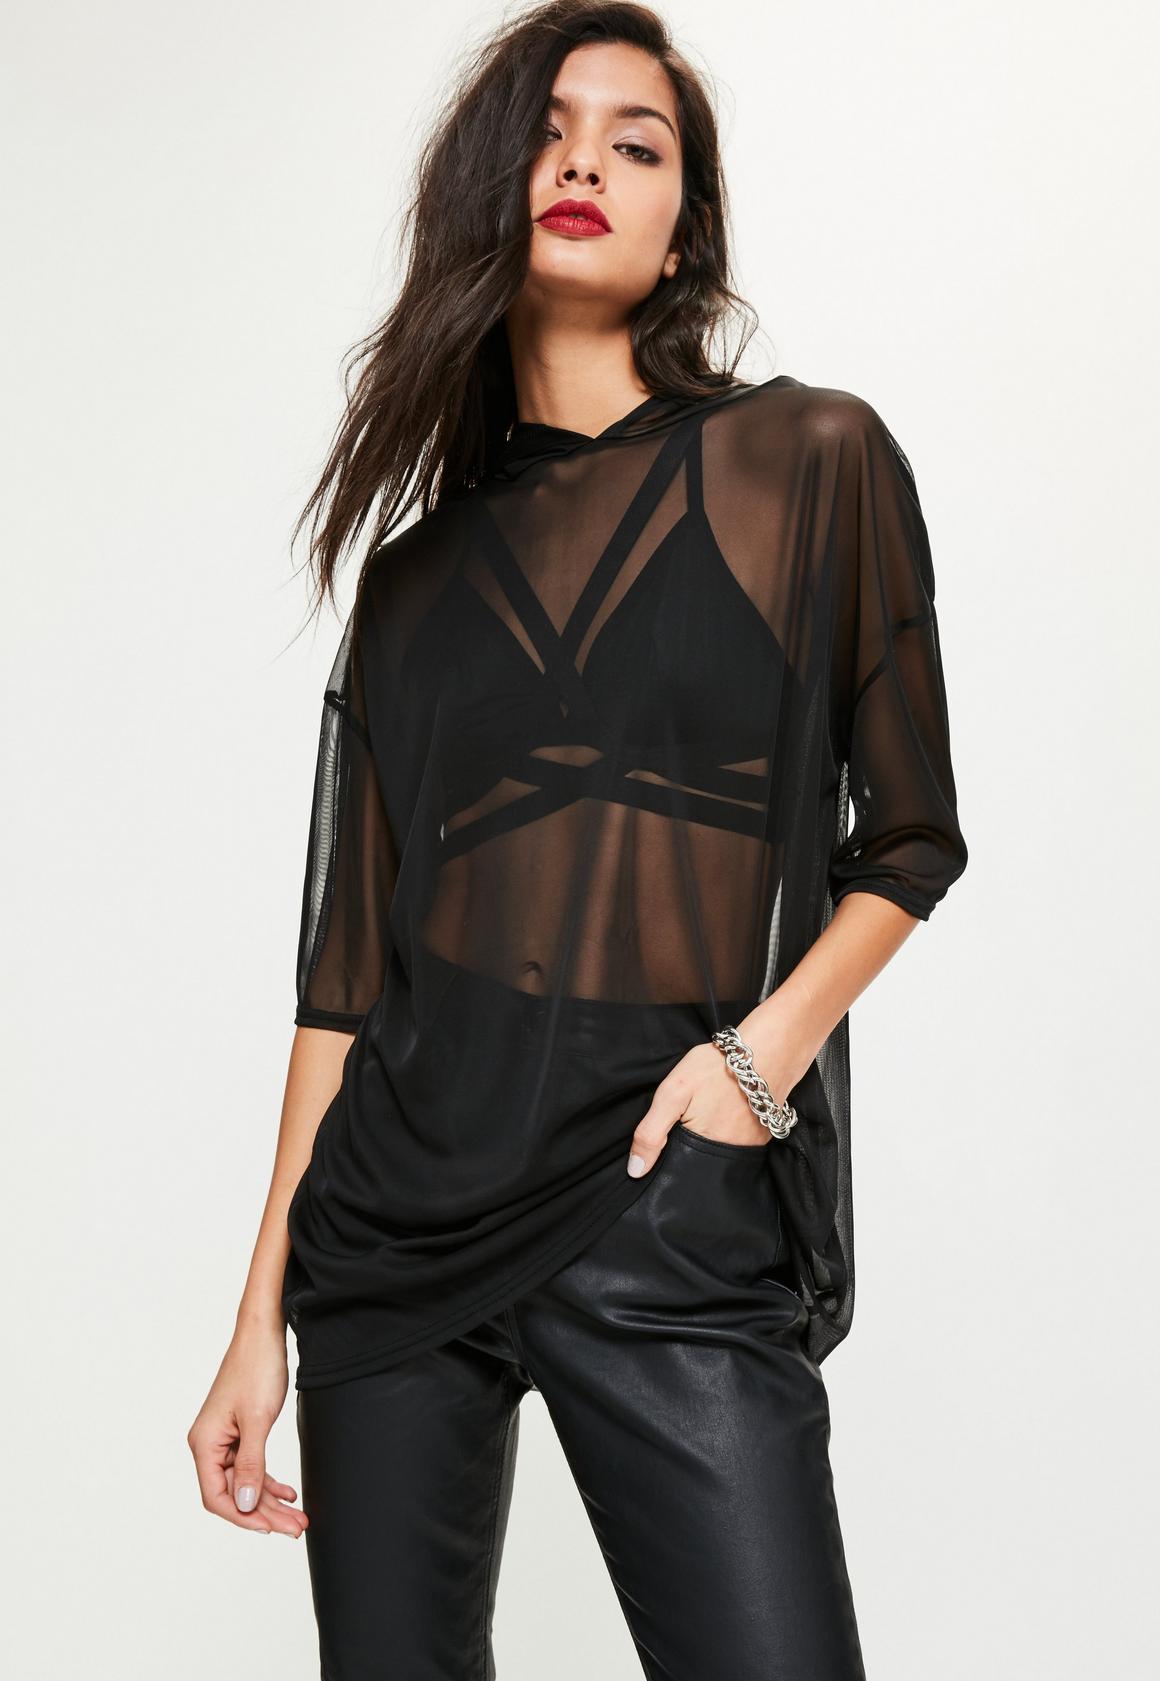 Robe noire haut transparent